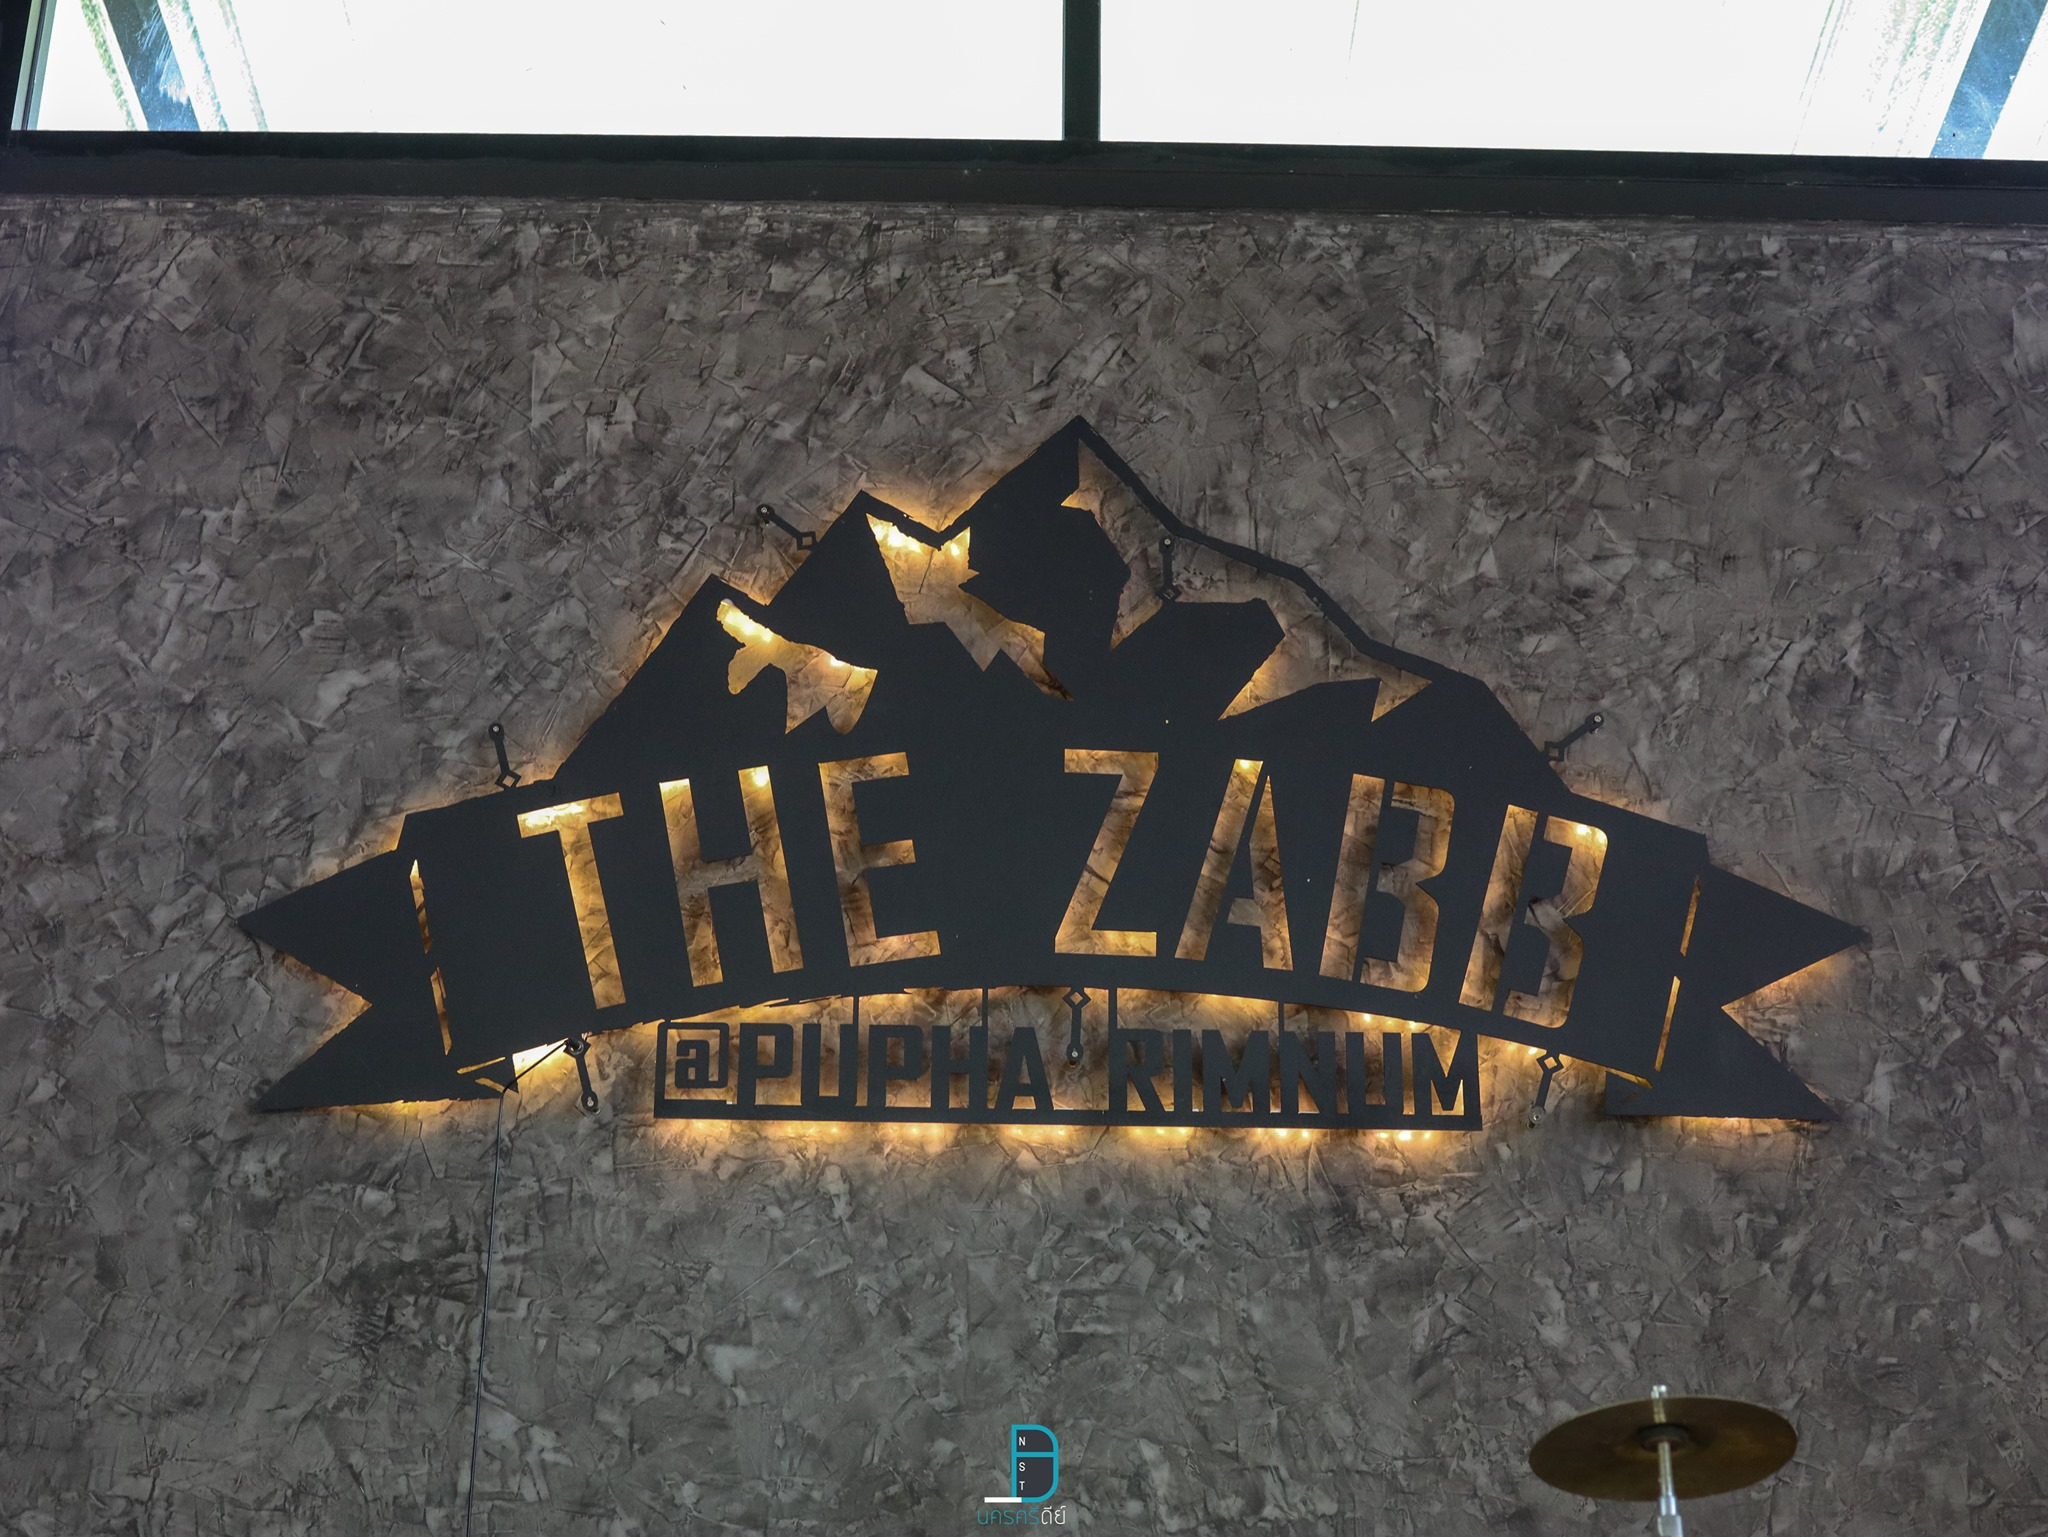 เสต็ก ทุ่งสง ร้านเด็ดทั้งนุ่มทั้งอร่อย The ZABB ครัวภูผา ริมน้ำ นครศรีธรรมราช นั่งชิววิวดี นครศรีดีย์